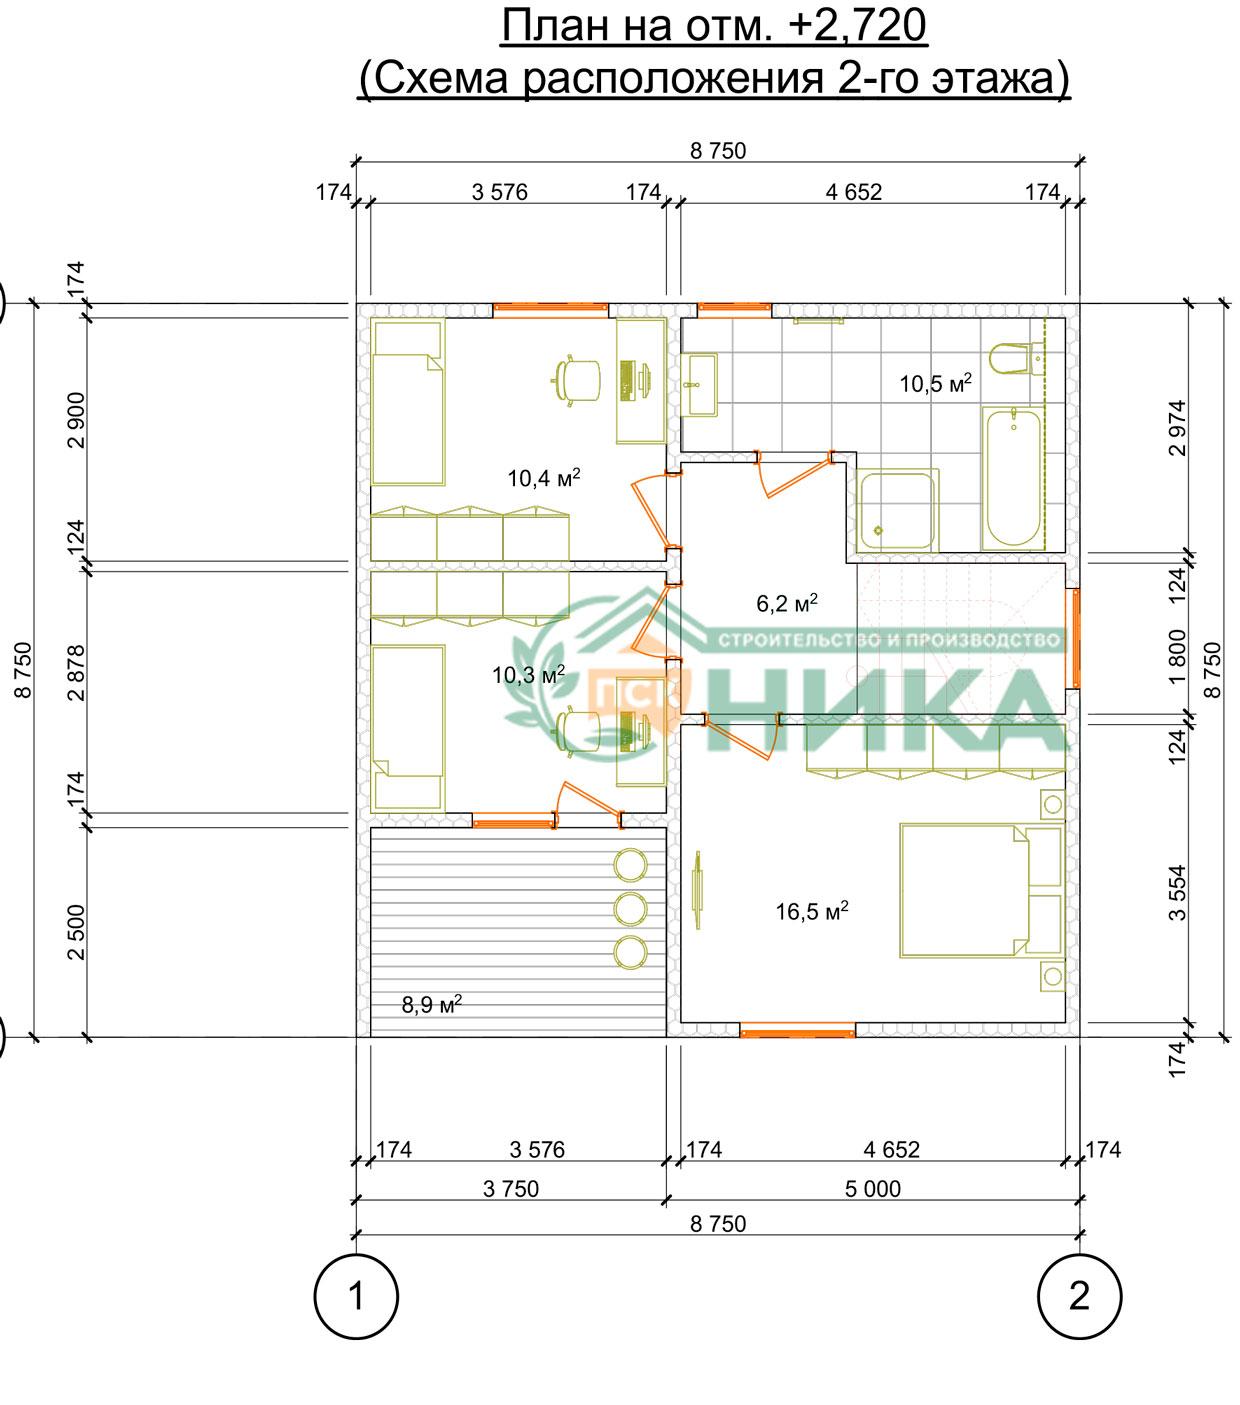 Планы этажей по проекту Фаэтон